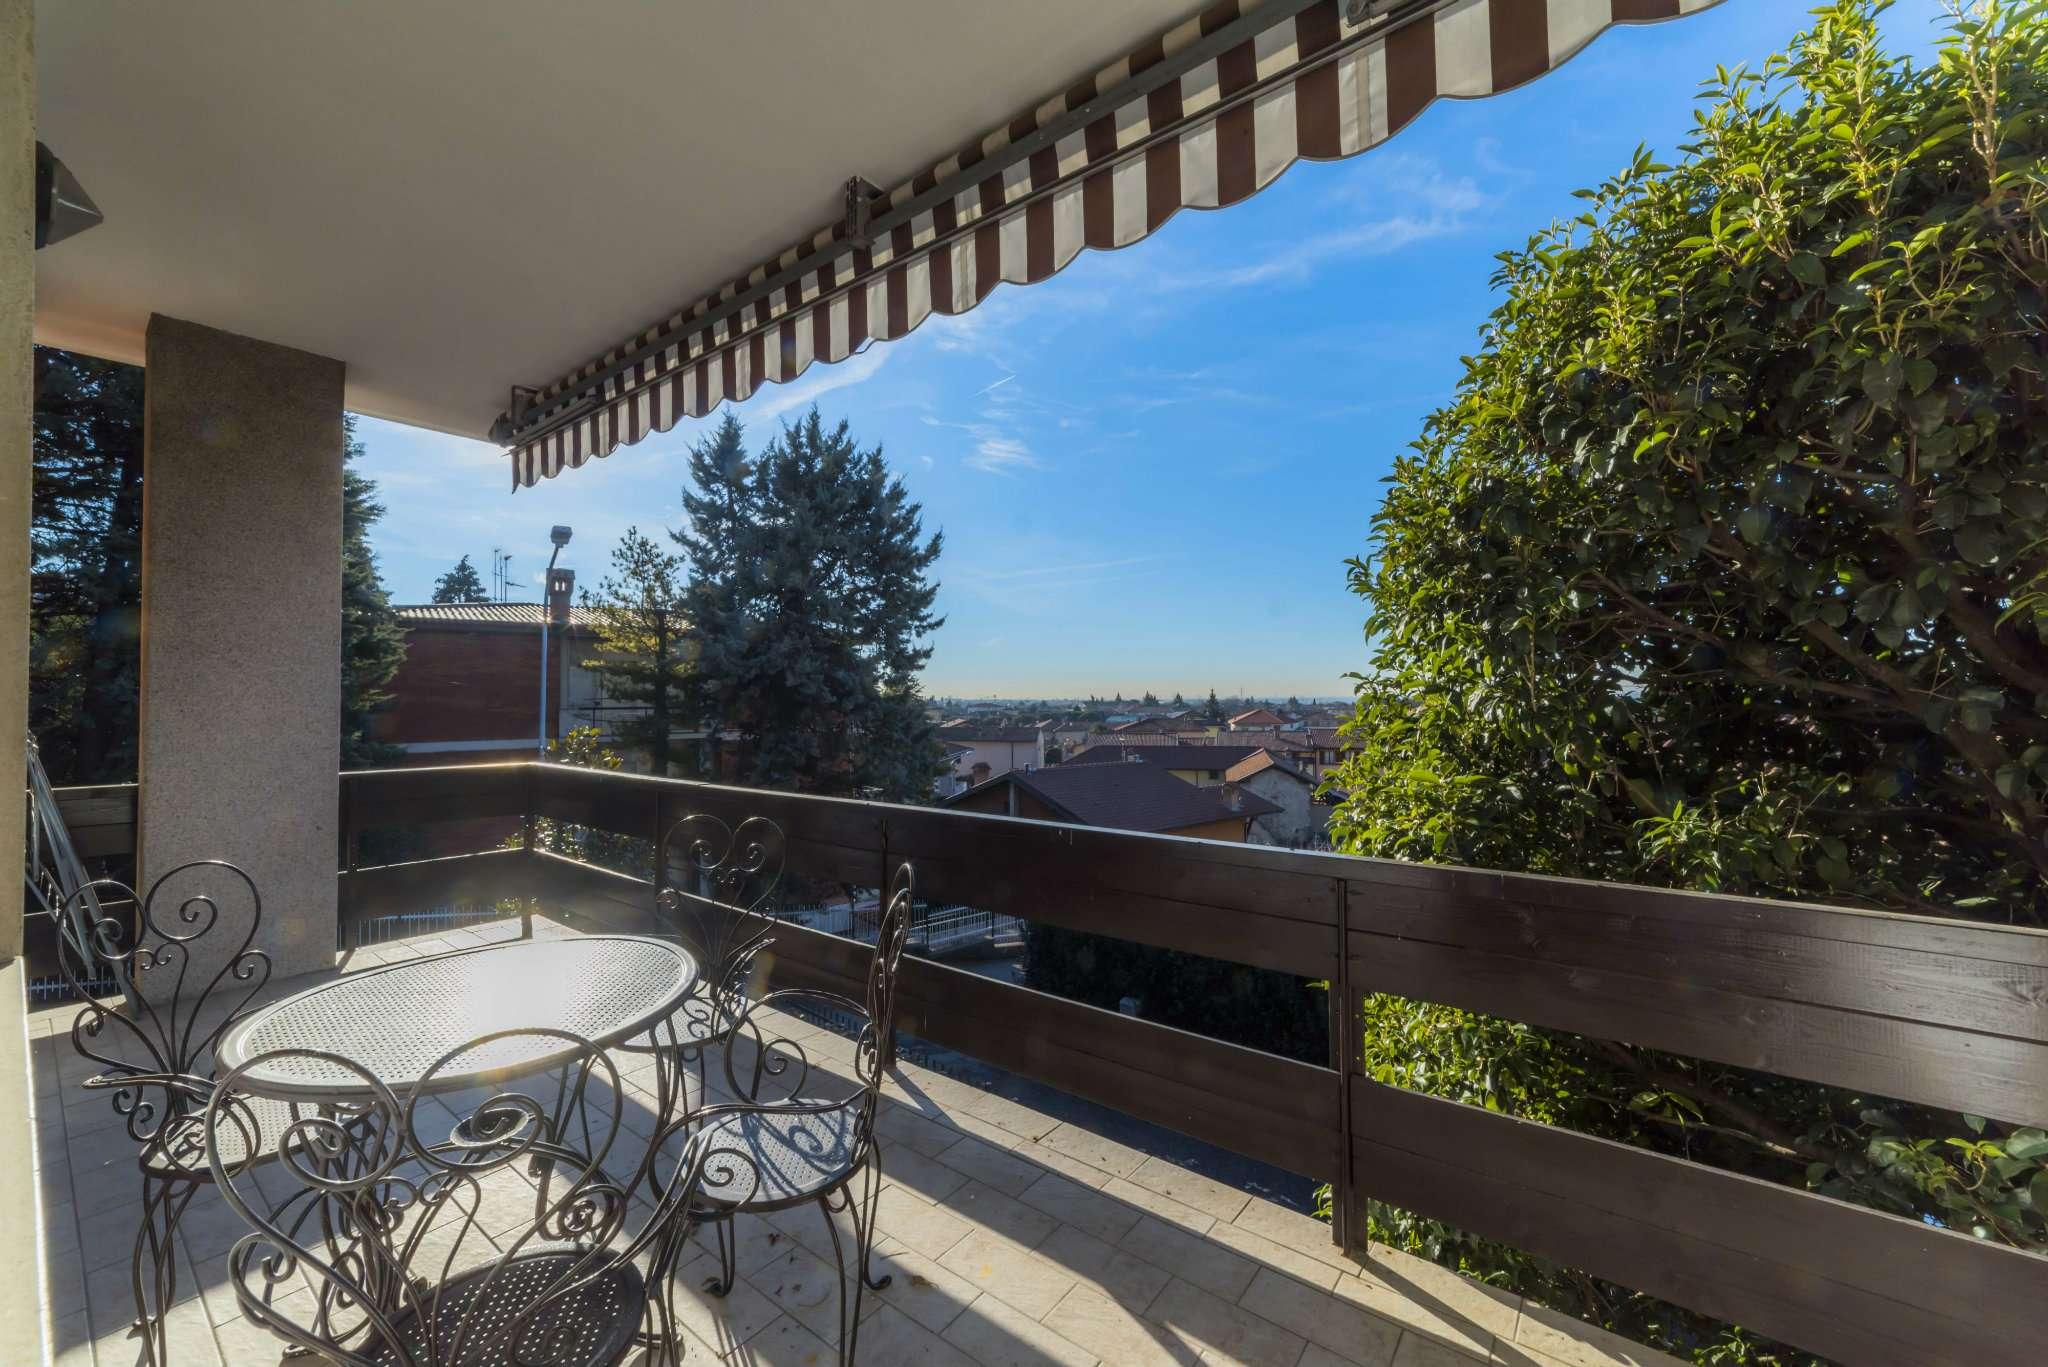 Villa in vendita a Mozzo, 6 locali, prezzo € 475.000 | CambioCasa.it